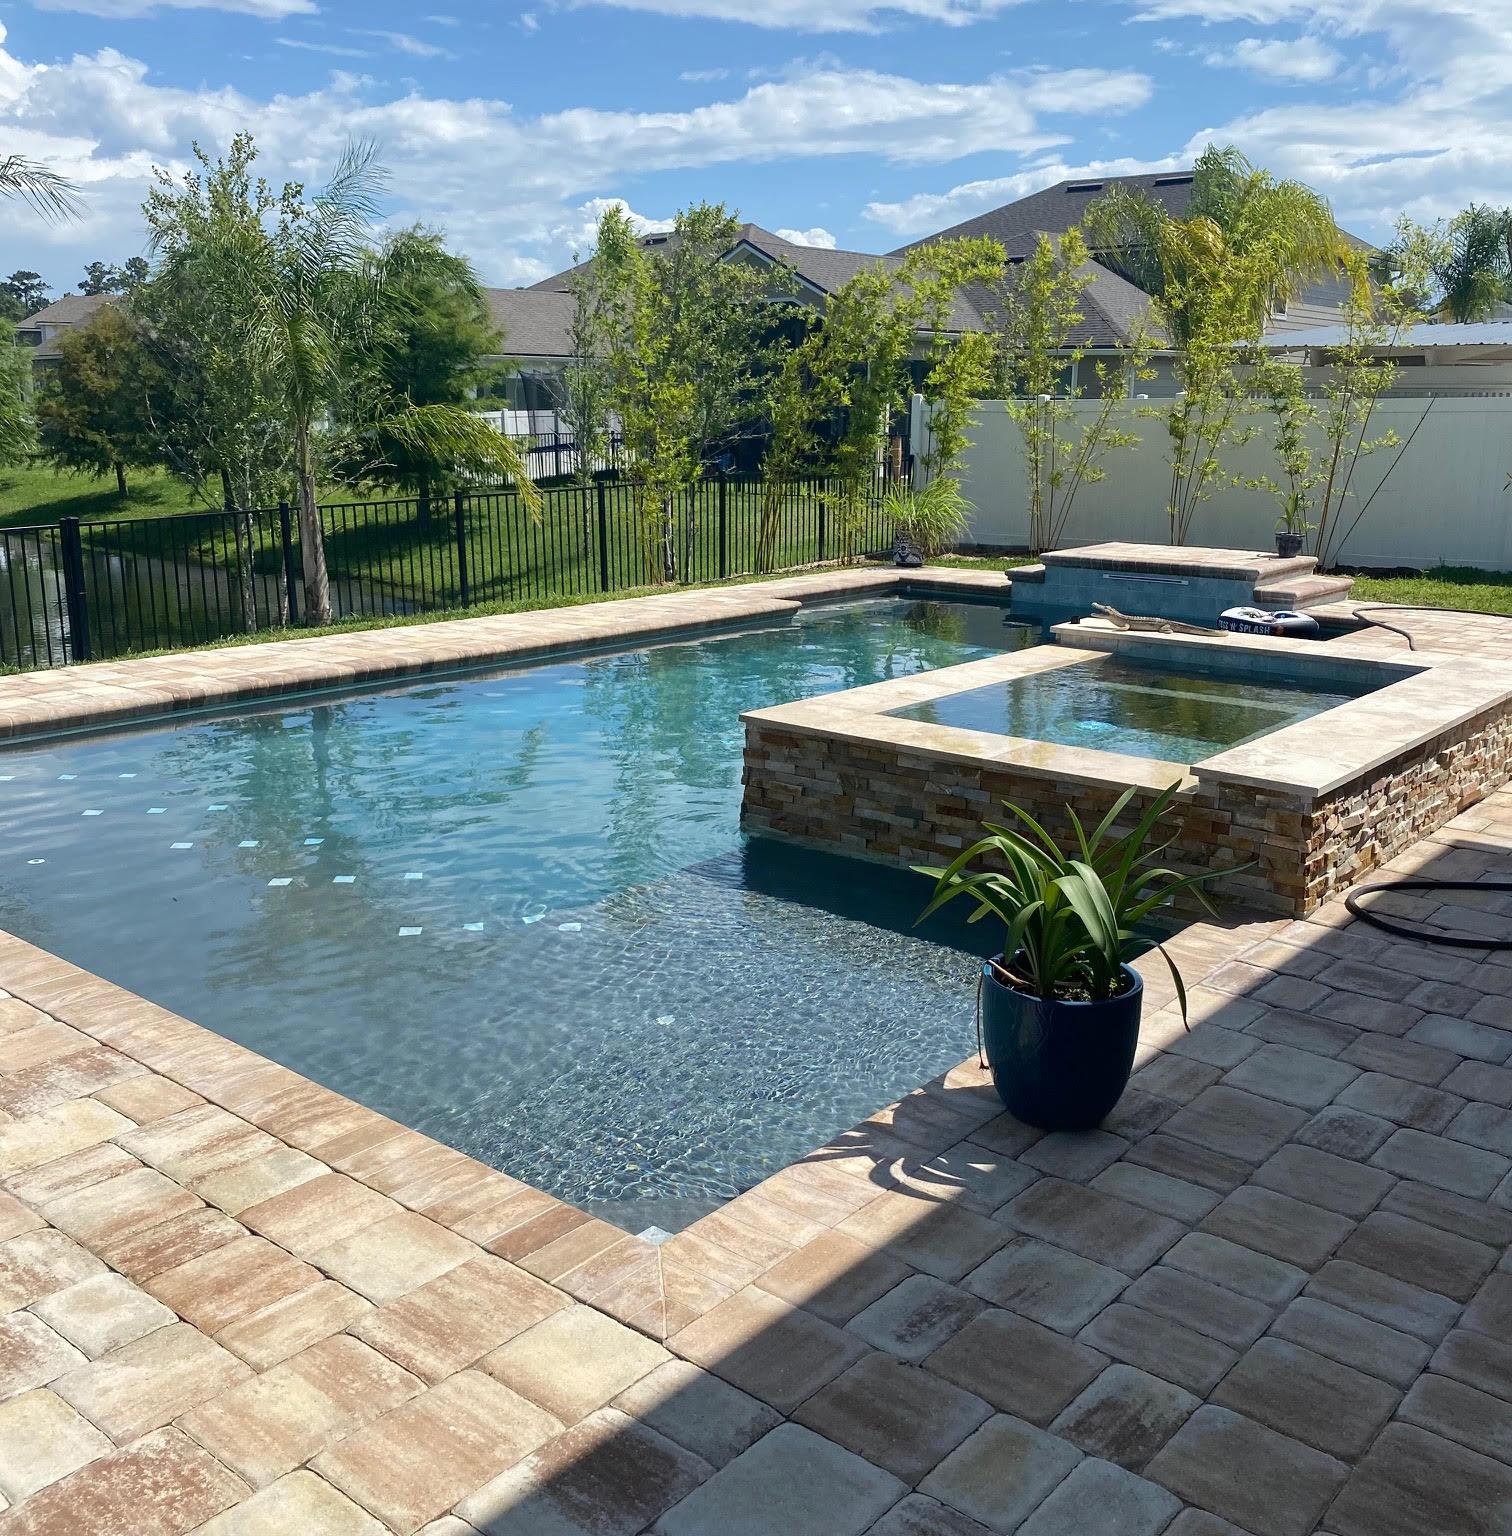 pool/spa residential inground pool